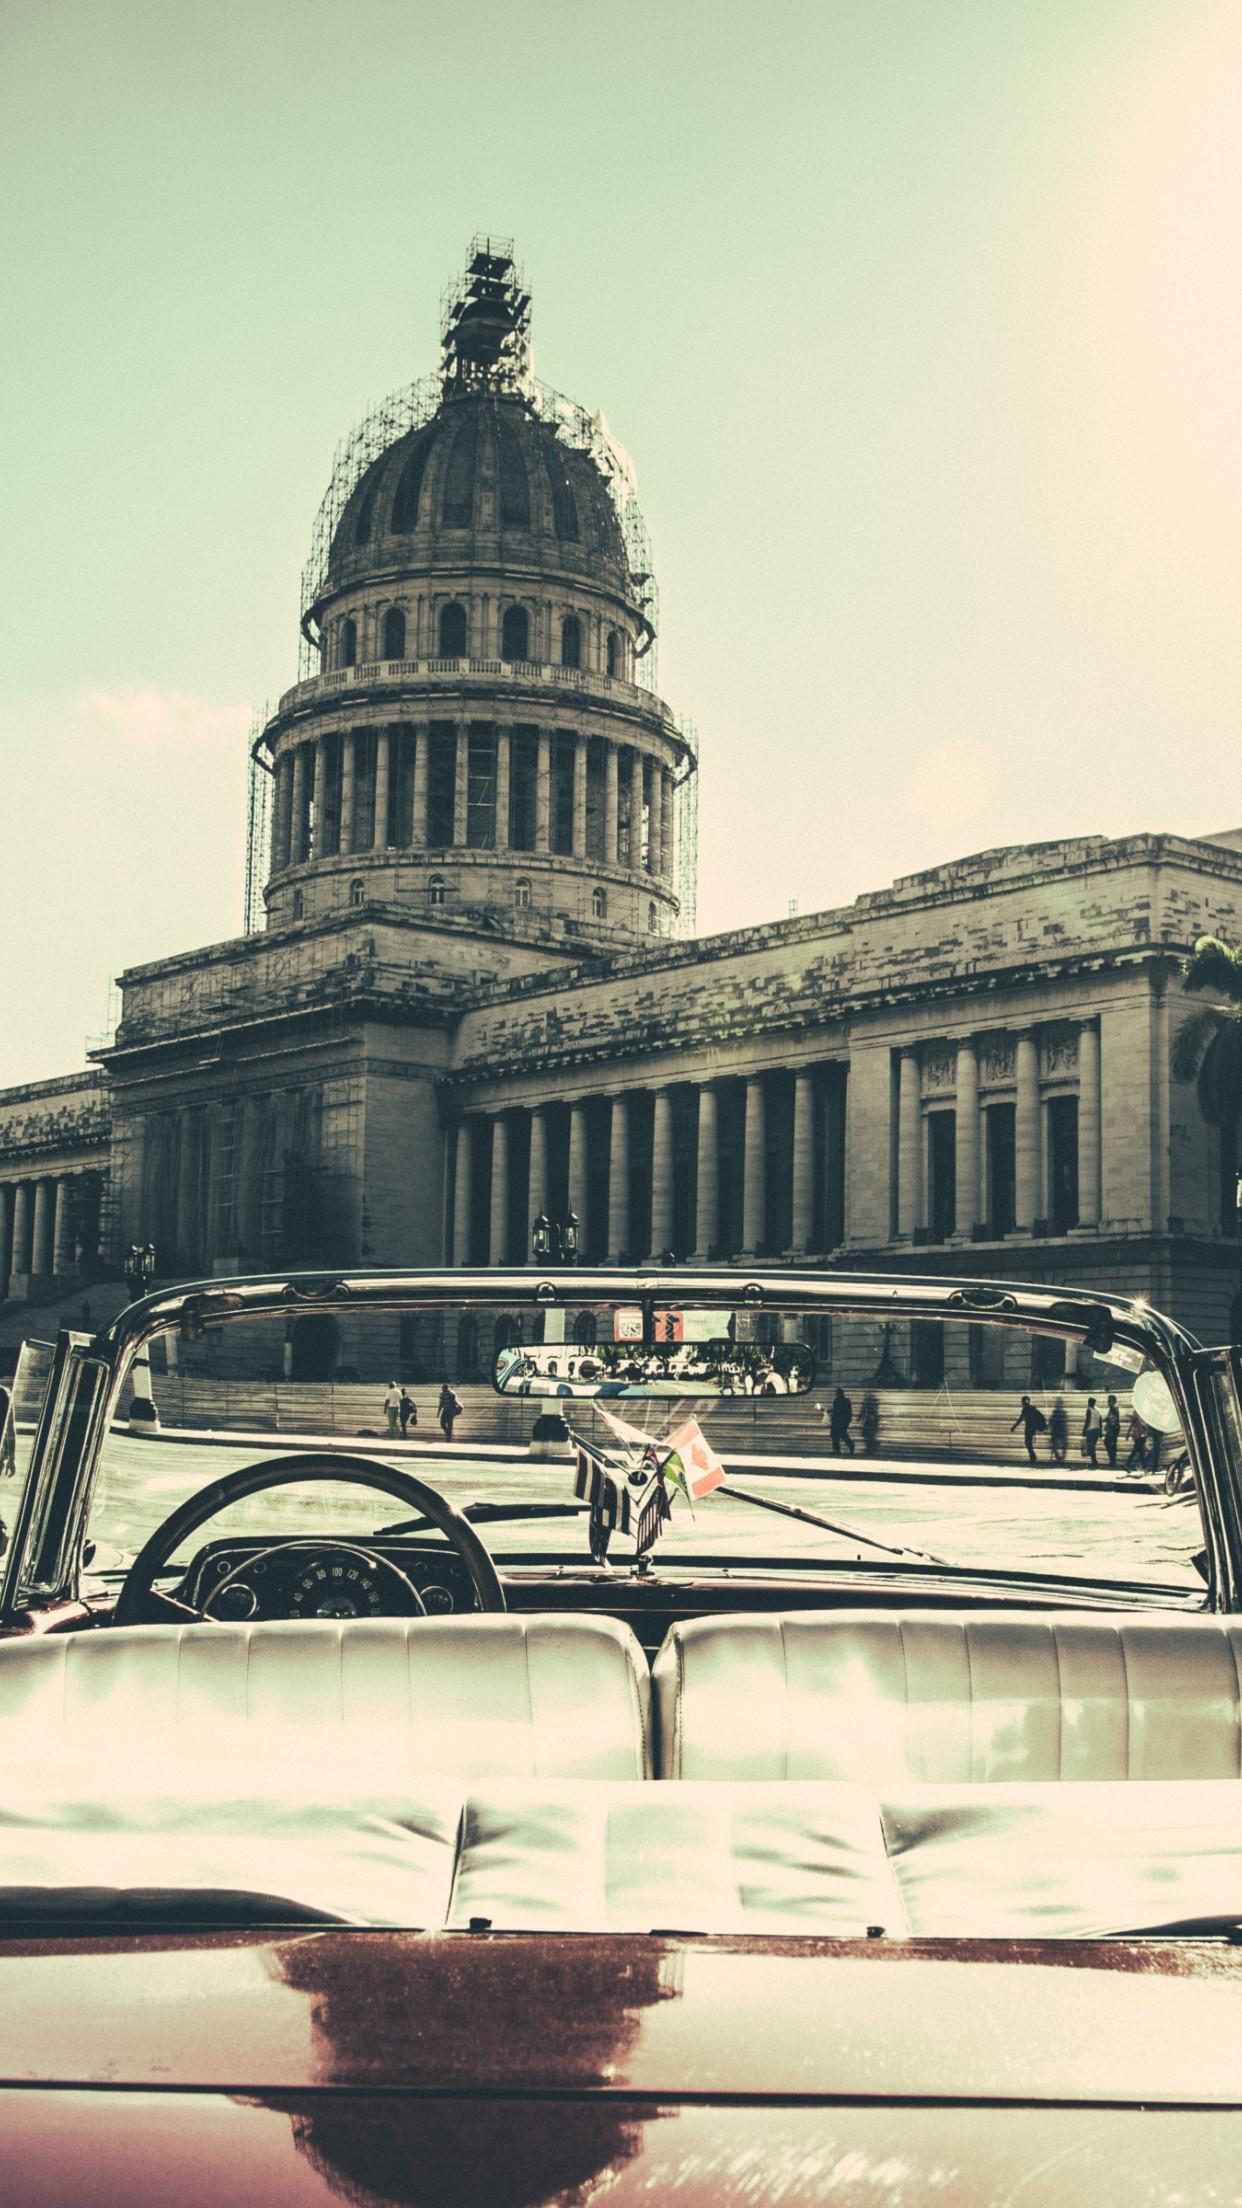 Download Wallpaper Havana City Cuba 1242x2208